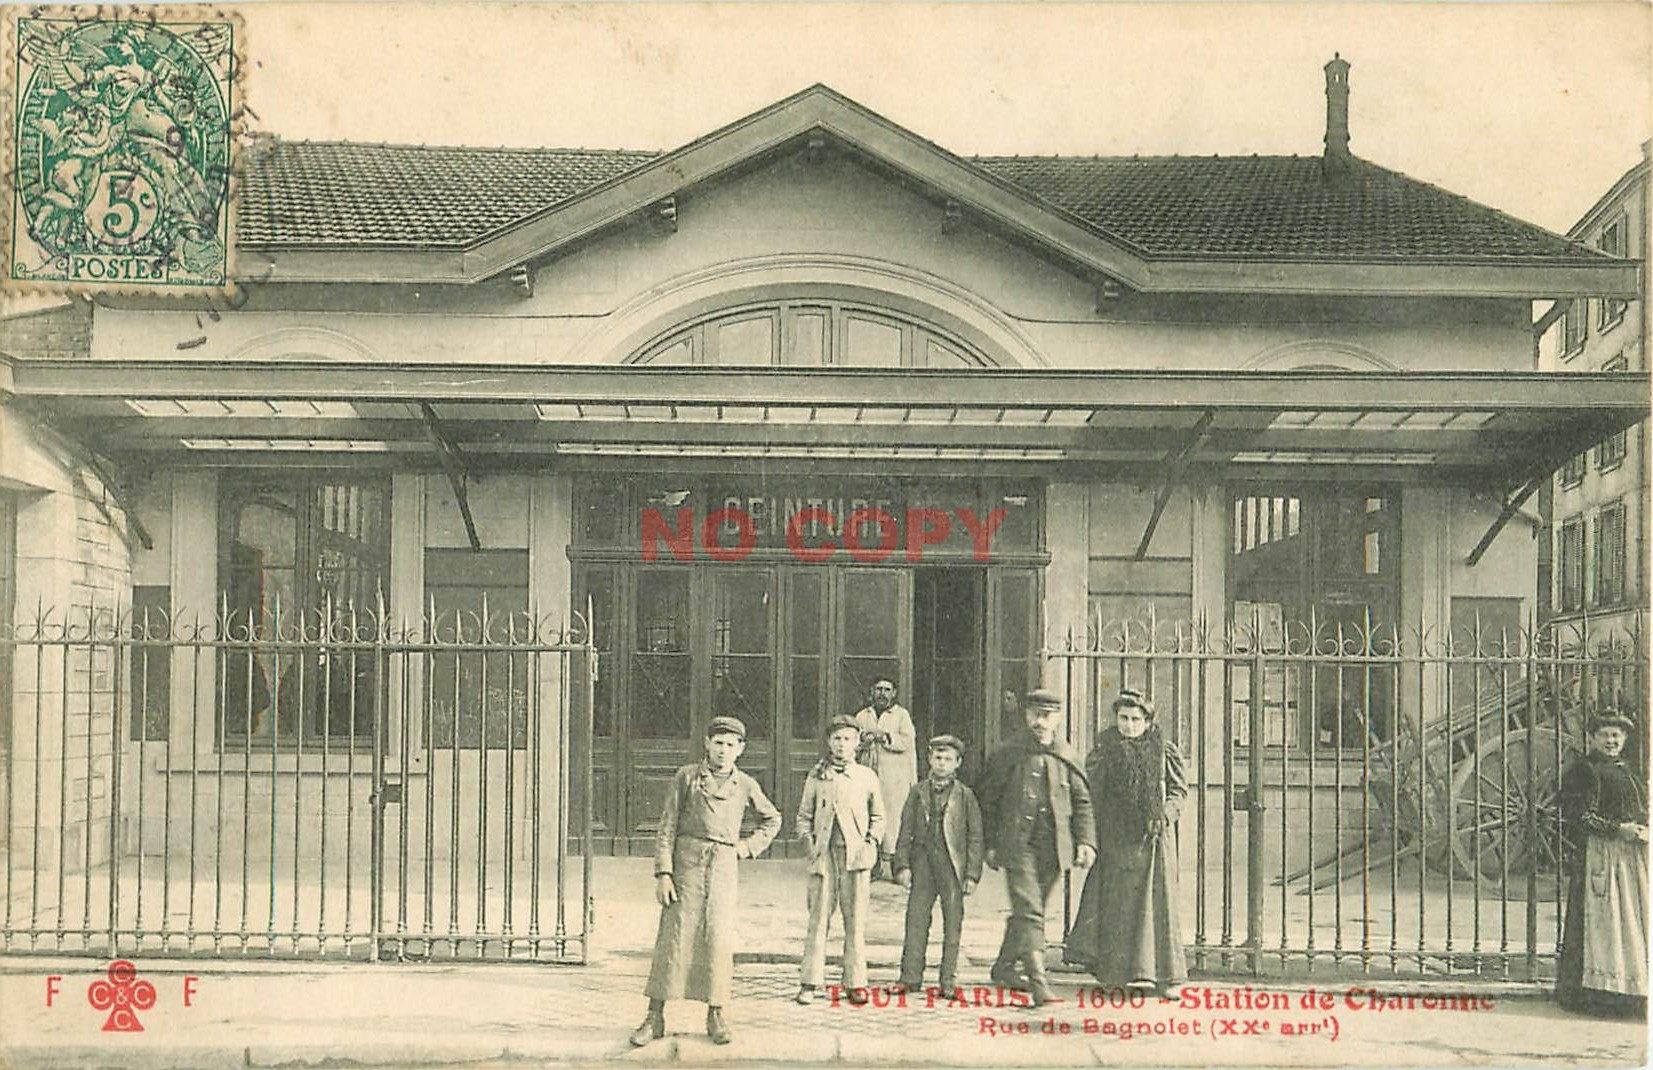 WW PARIS XI. Station du métropolitain Charonne rue de Bagnolet. Gare Ceinture par Fleuri